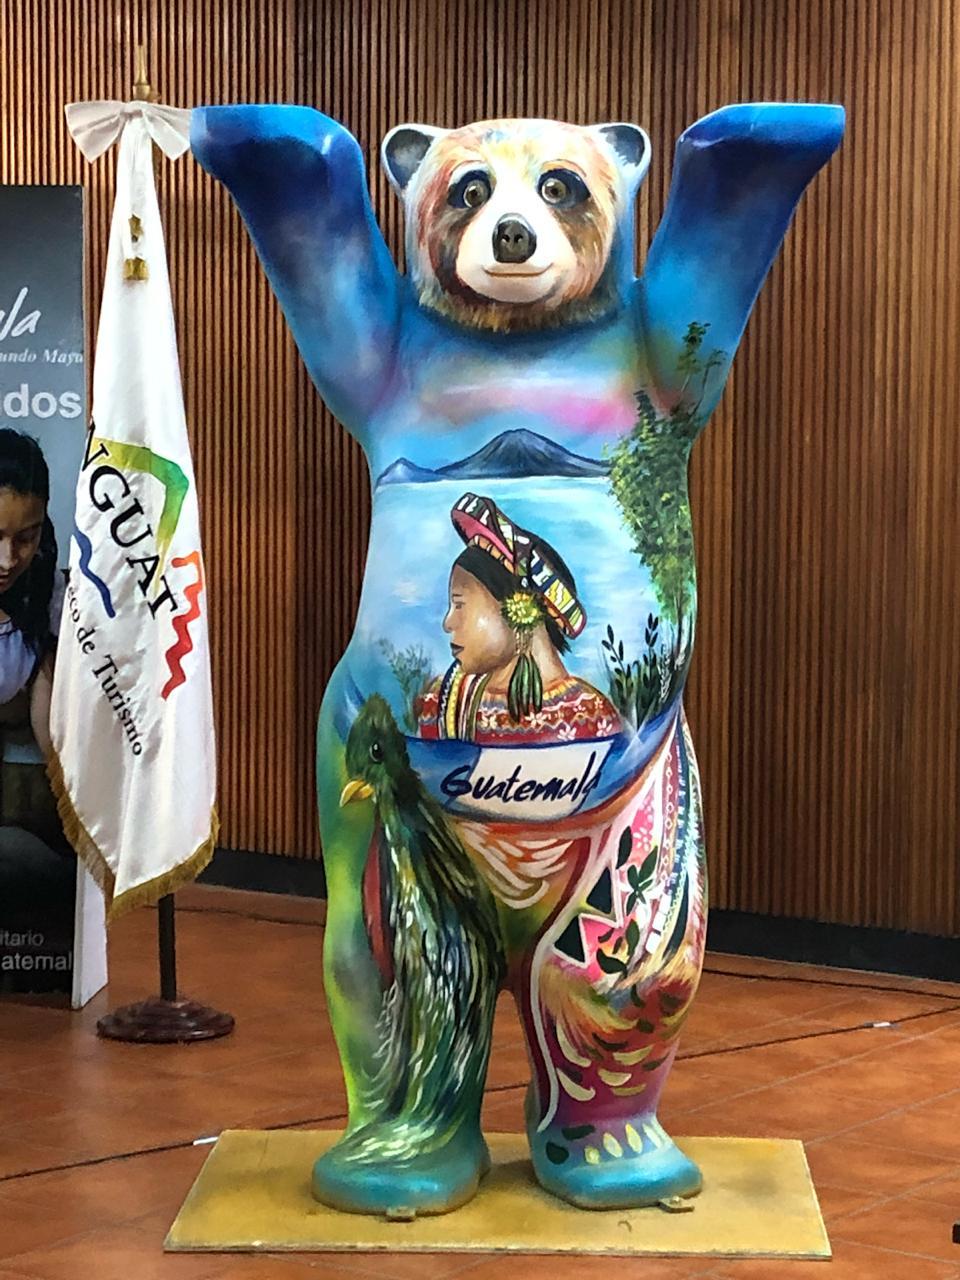 Osiel Martínez, originario de Sacatepéquez, pintó un nuevo Buddy Bear